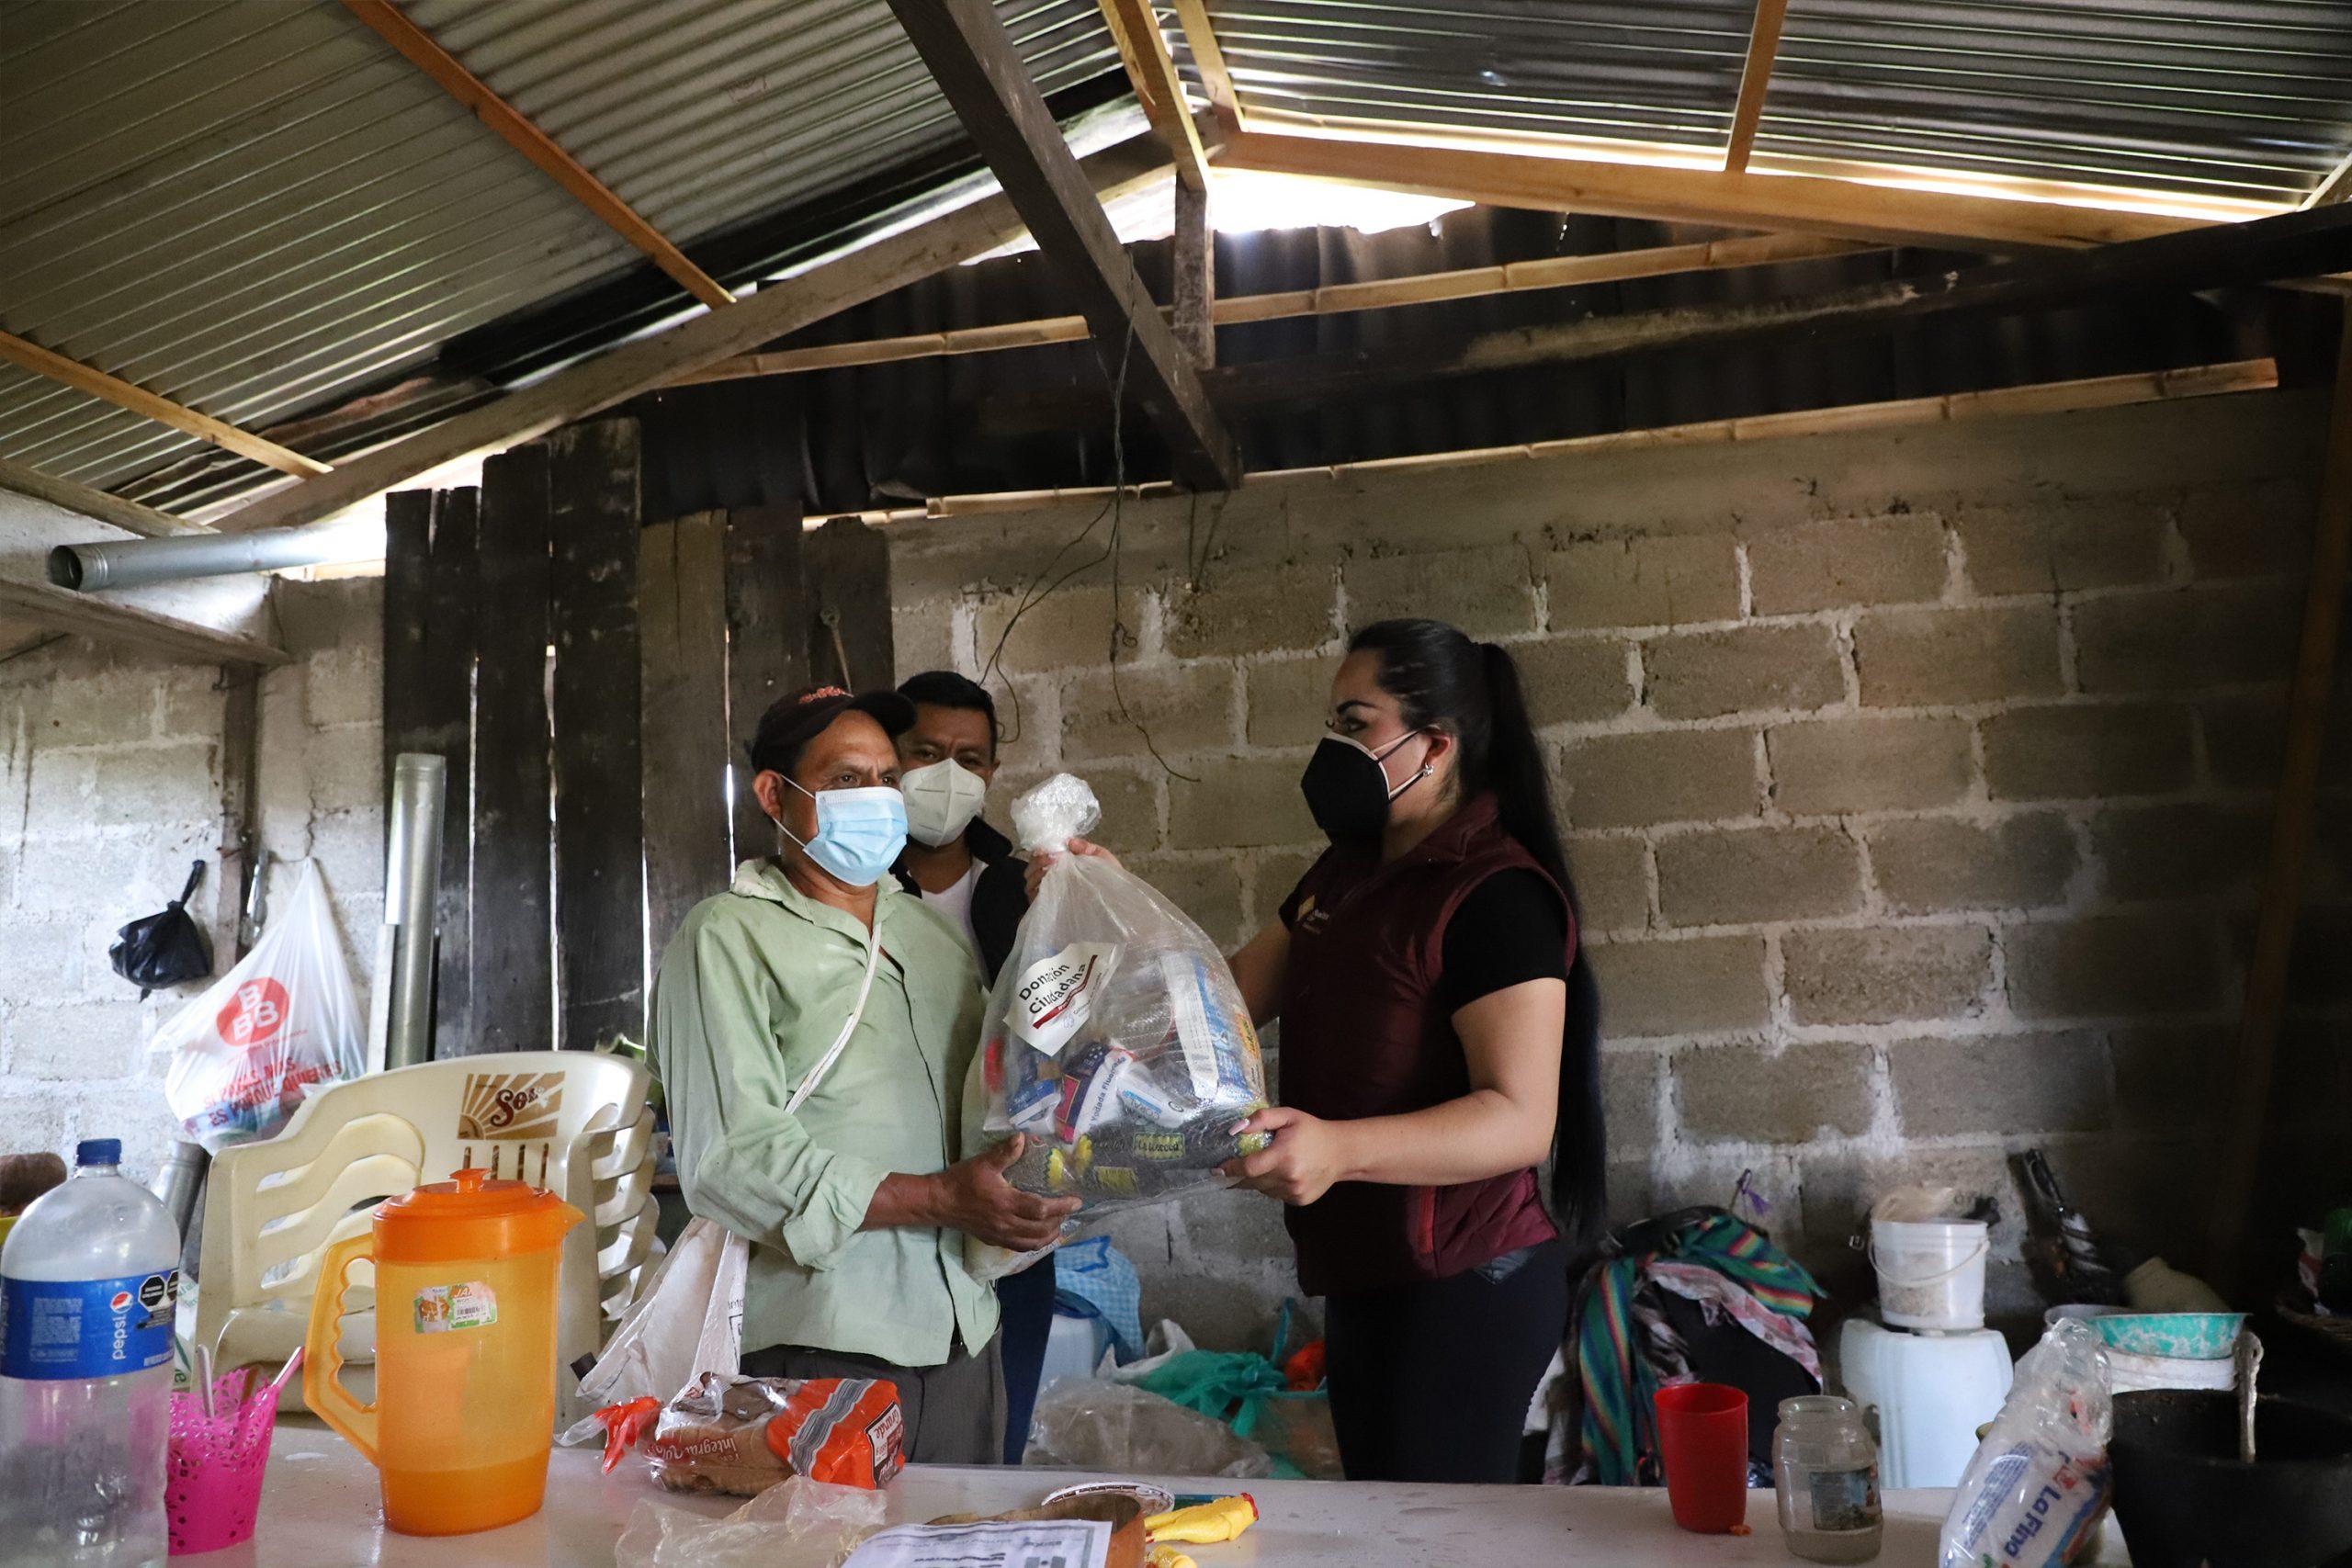 Inicia SEDIF entrega de paquetes alimentarios en Zihuateutla y Xicotepec de Juárez para damnificados por Grace